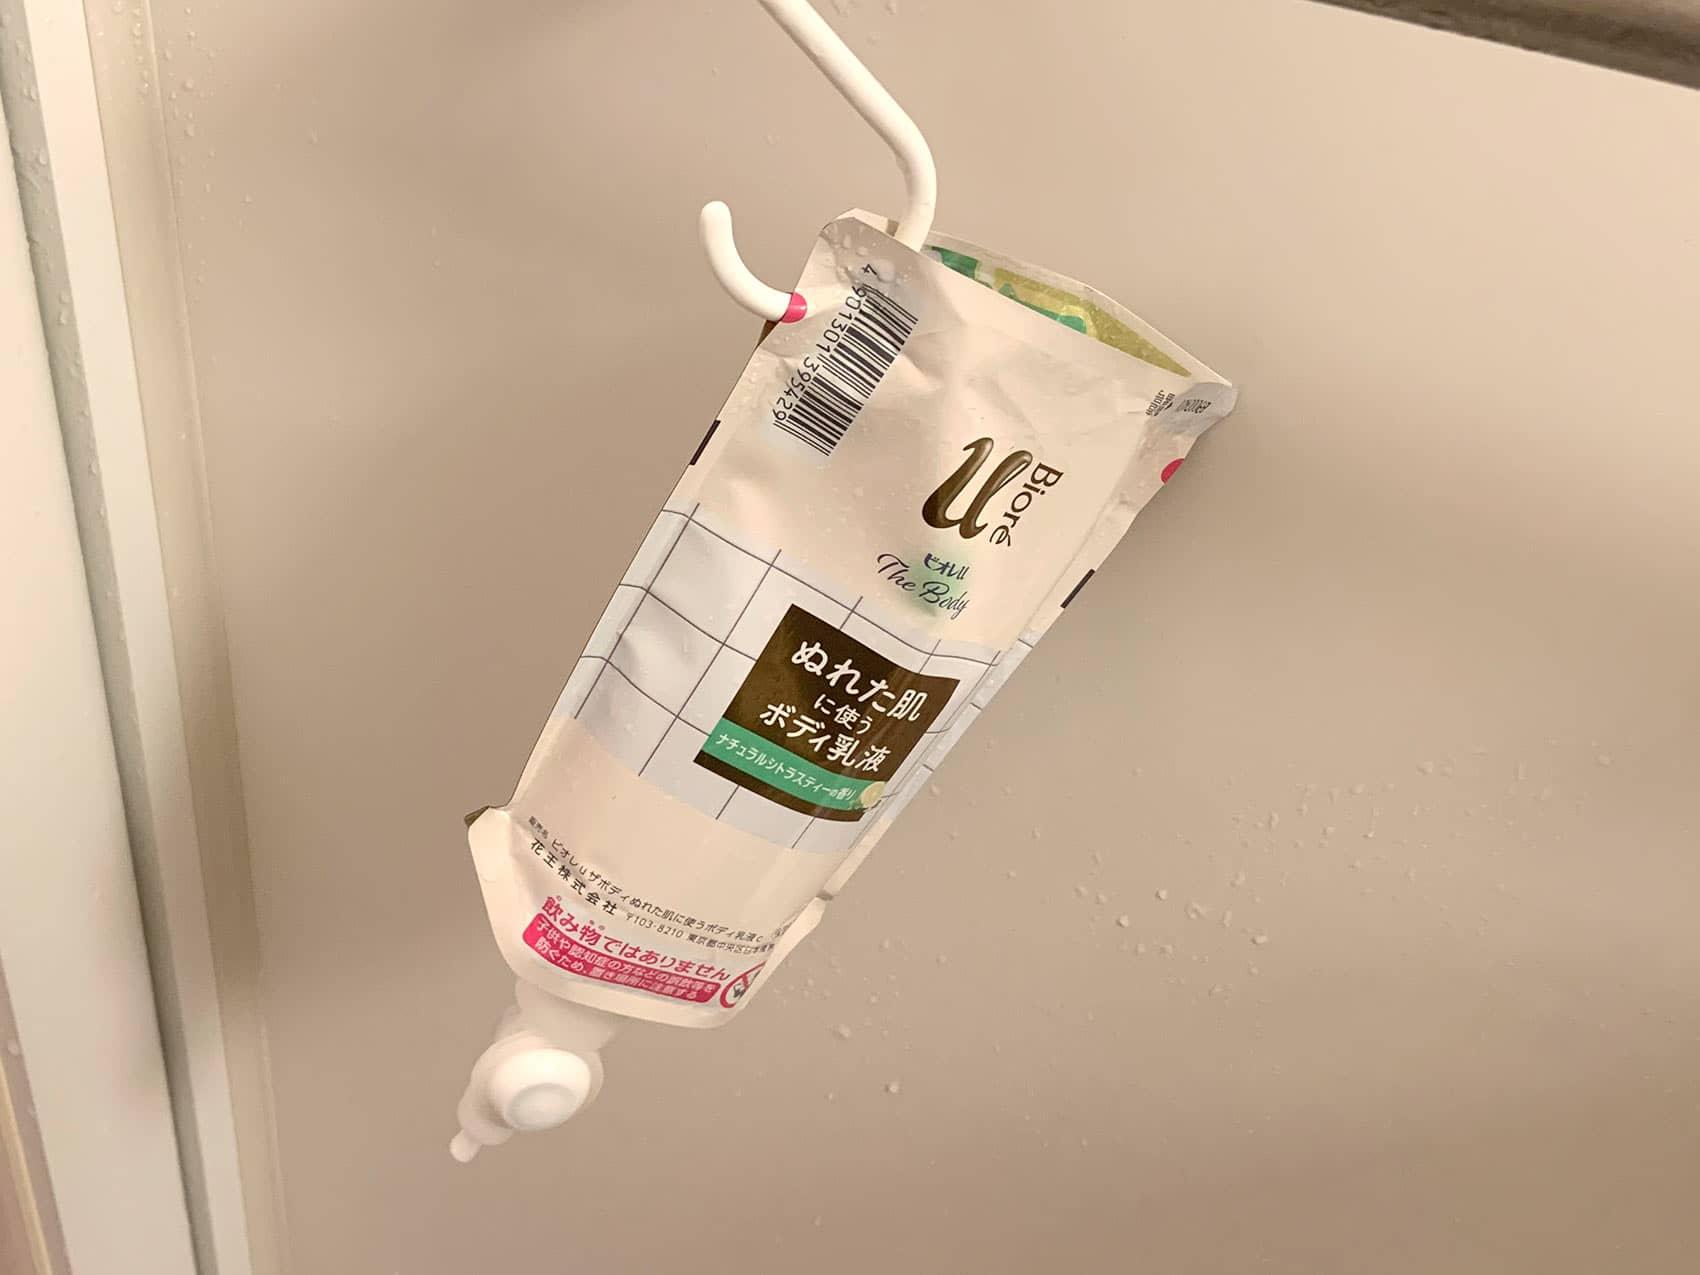 「ビオレu ザ ボディ ぬれた肌に使うボディ乳液」はS字フックで浴室にかけられる